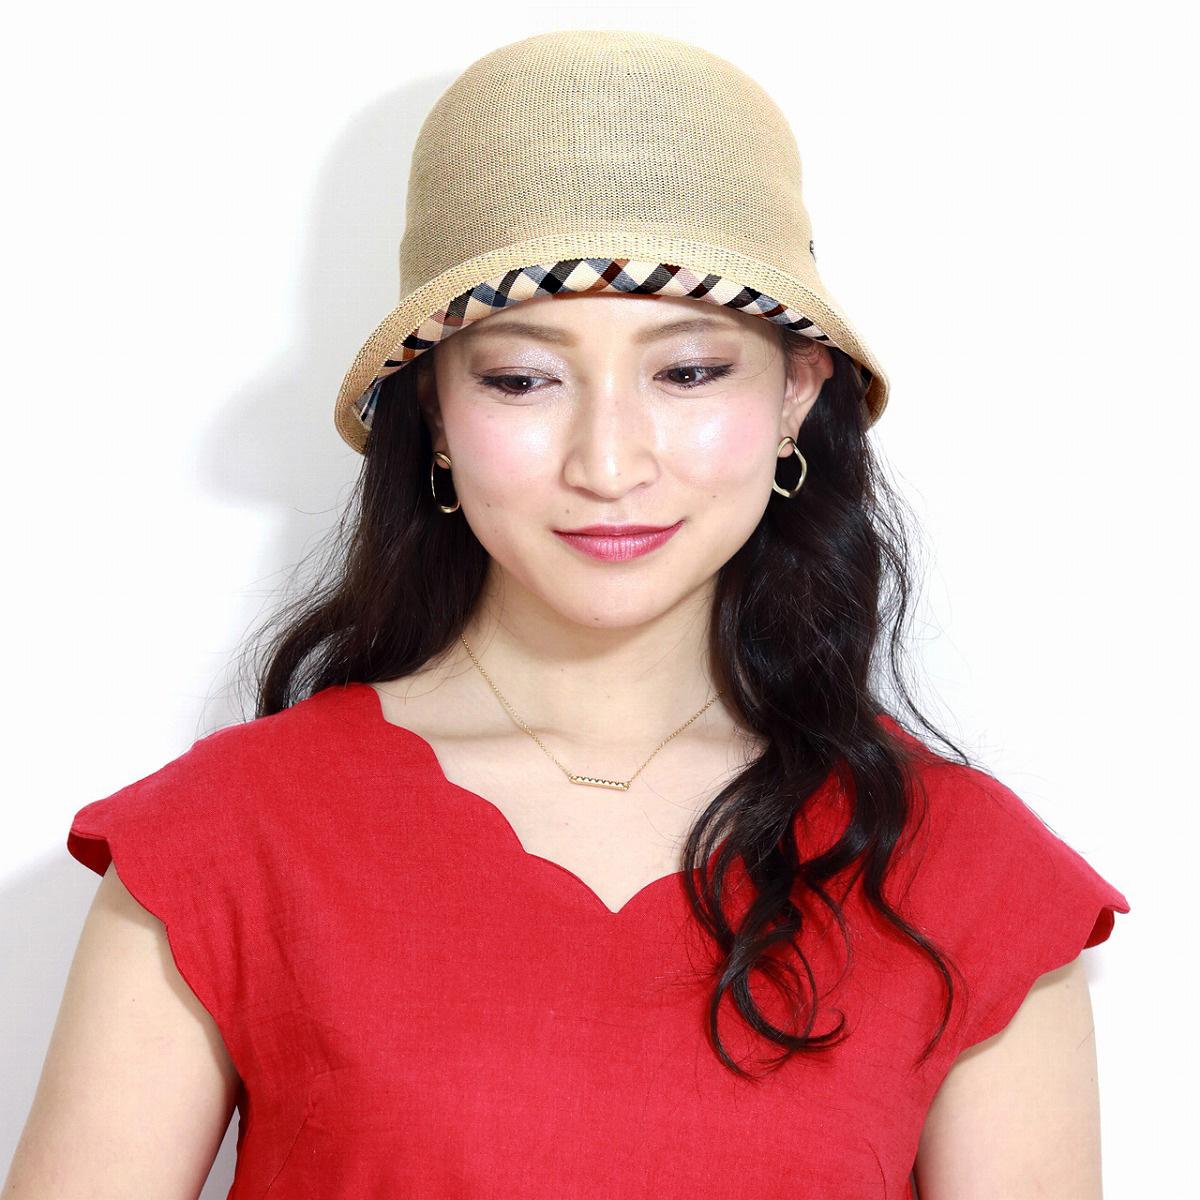 DAKS レディース チューリップハット サマーニット 柔らかい 綿混 無地 シンプル つば裏ハウスチェック ダックス 帽子 日本製 春 夏 綿ロード ハット 日よけ サイズ調整可能 ベージュ[ tulip hat ]母の日 ギフト 女性 誕生日 プレゼント 帽子